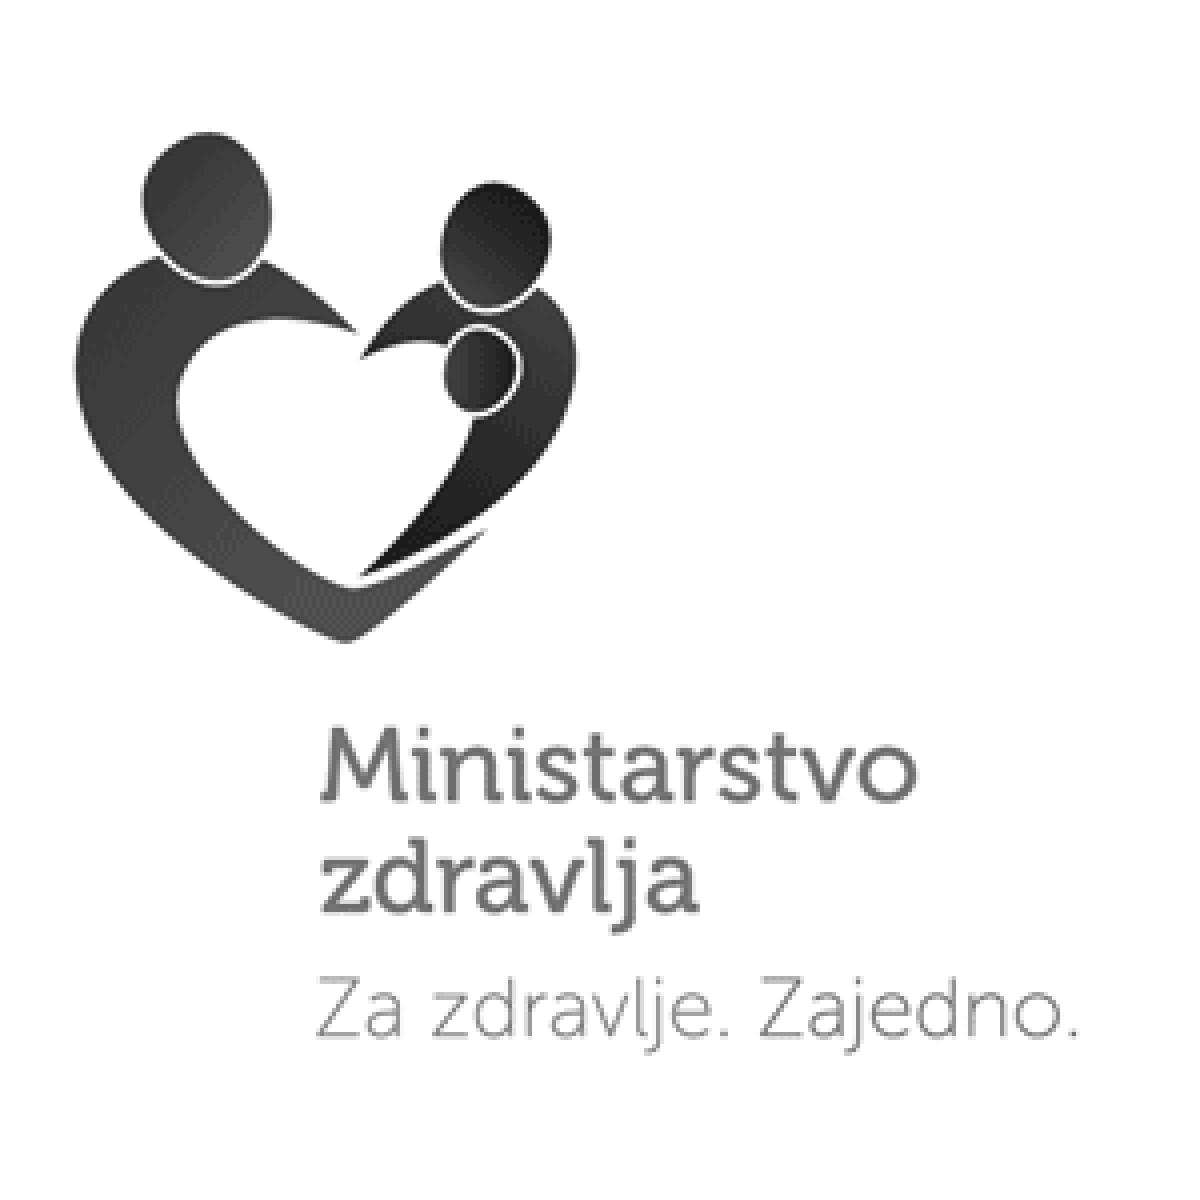 Bilbord za kompaniju Ministarstvo zdravlja